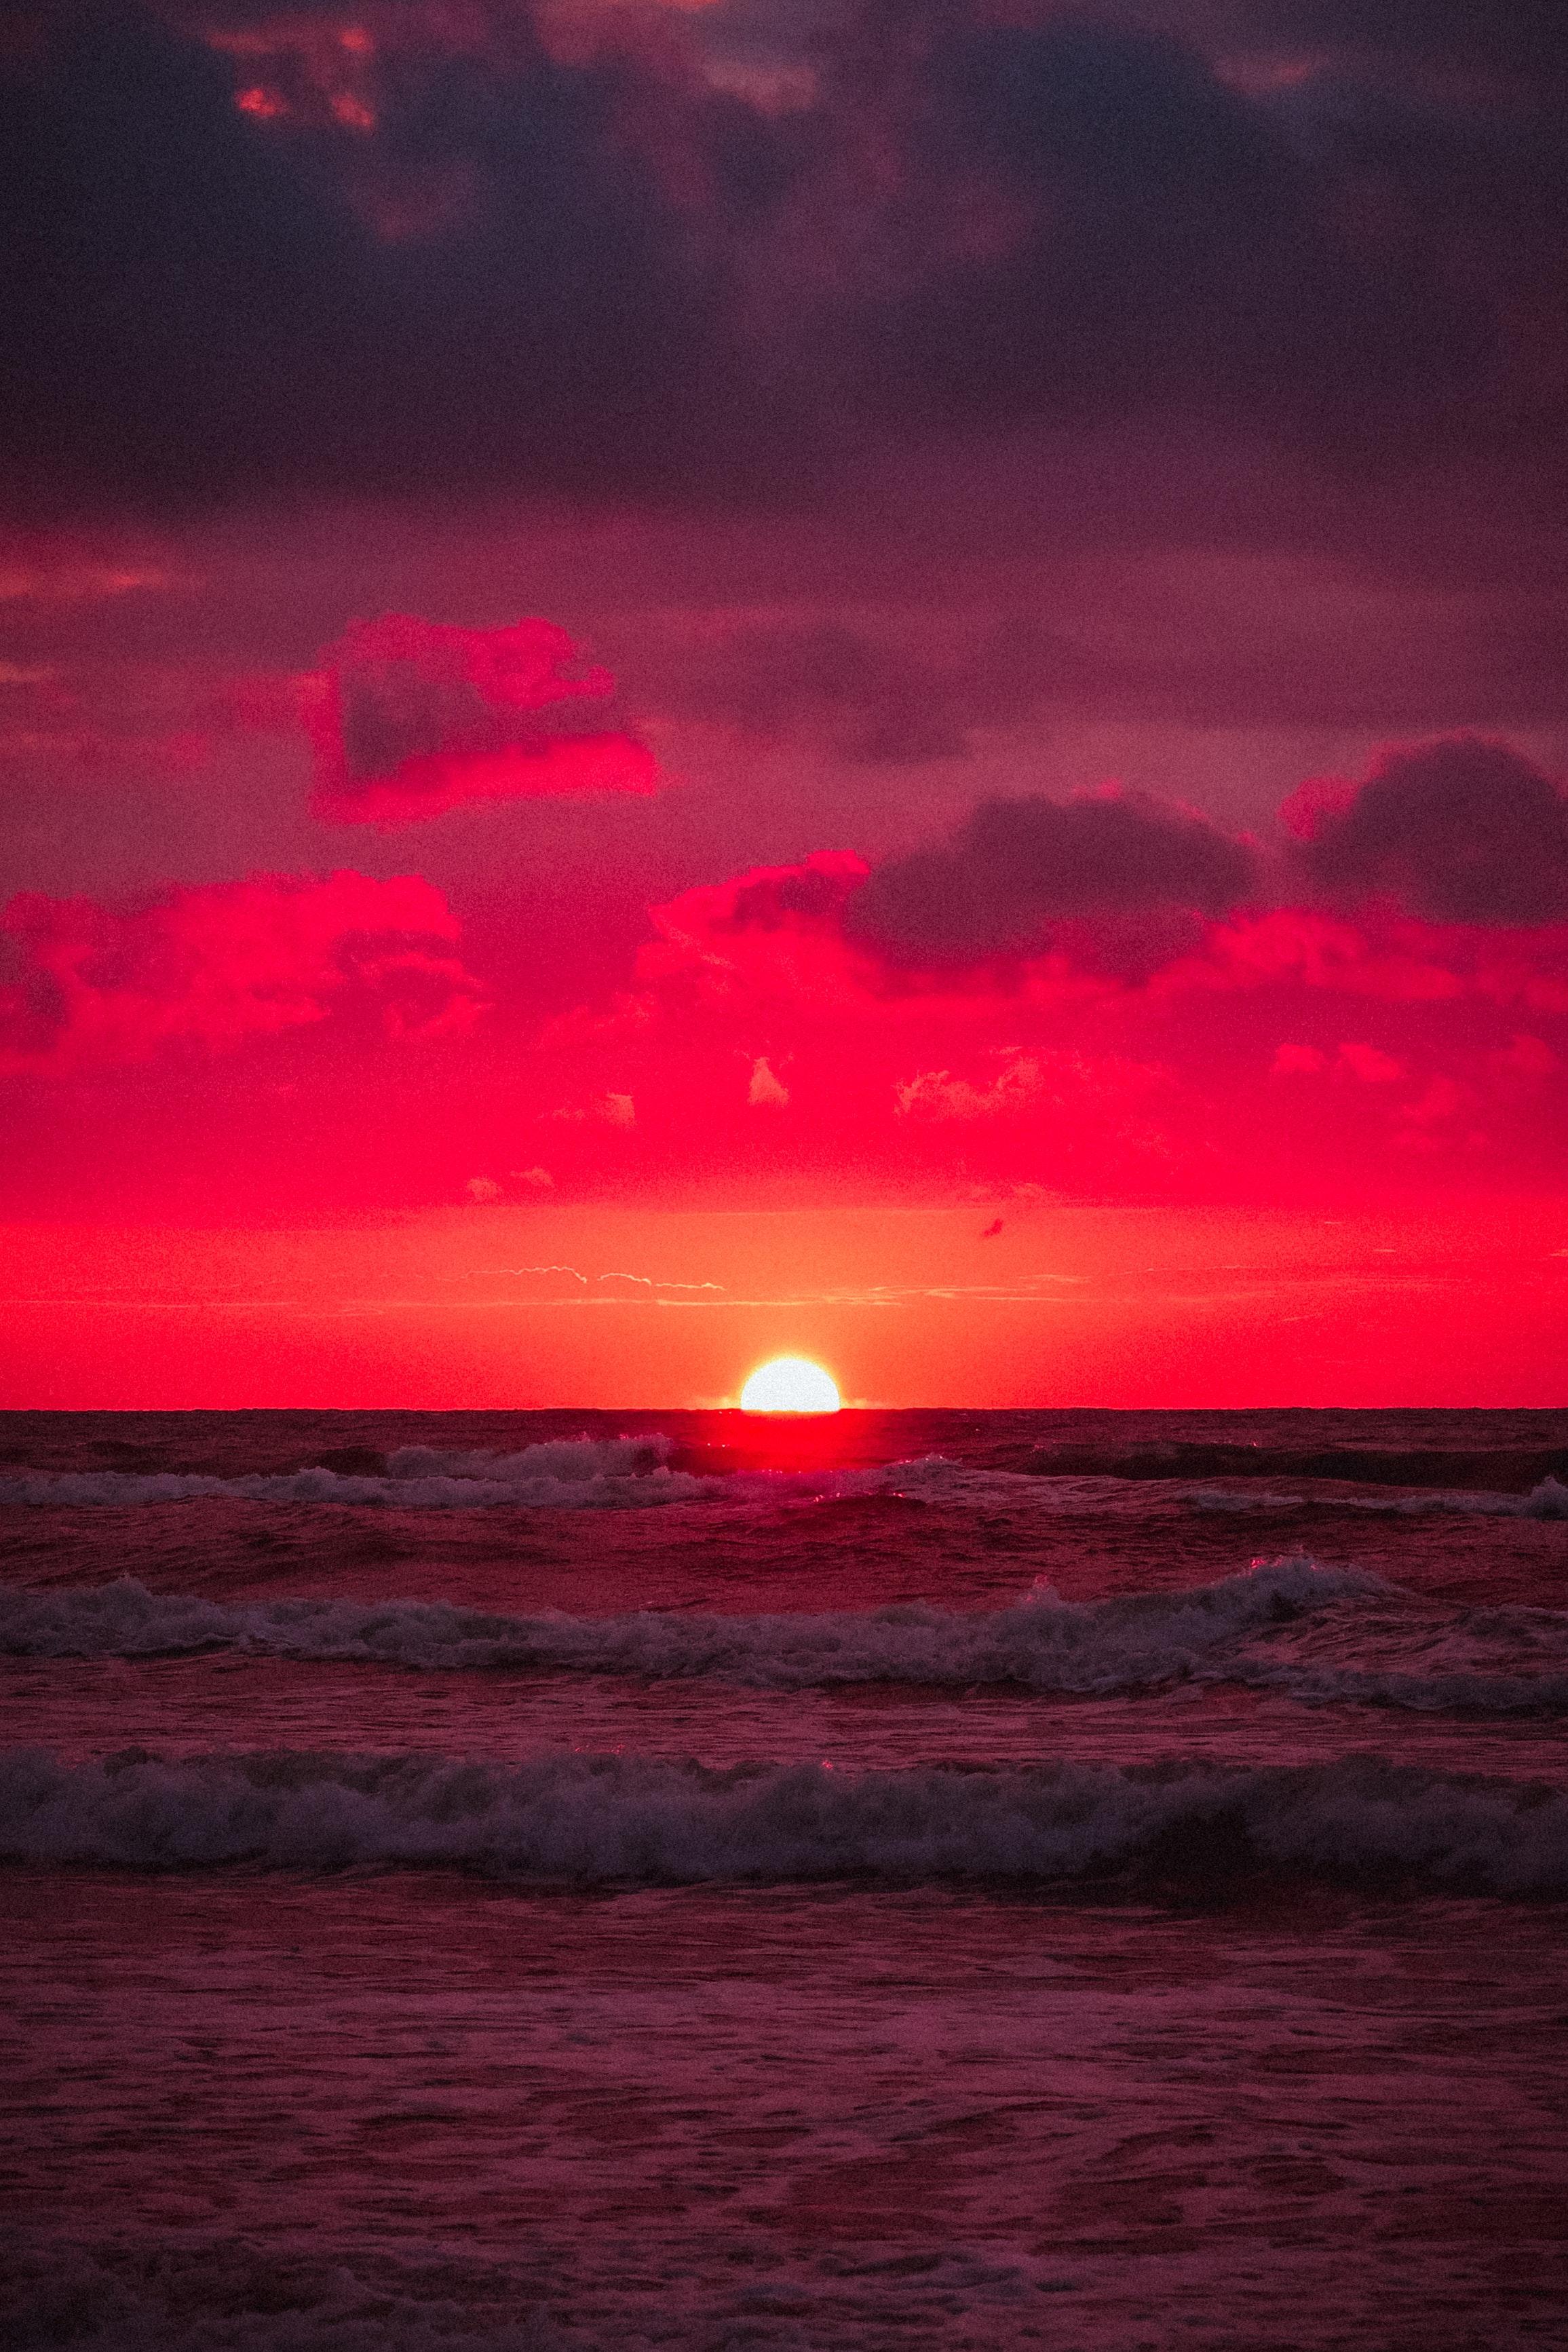 Ocean Taken Photo duri...